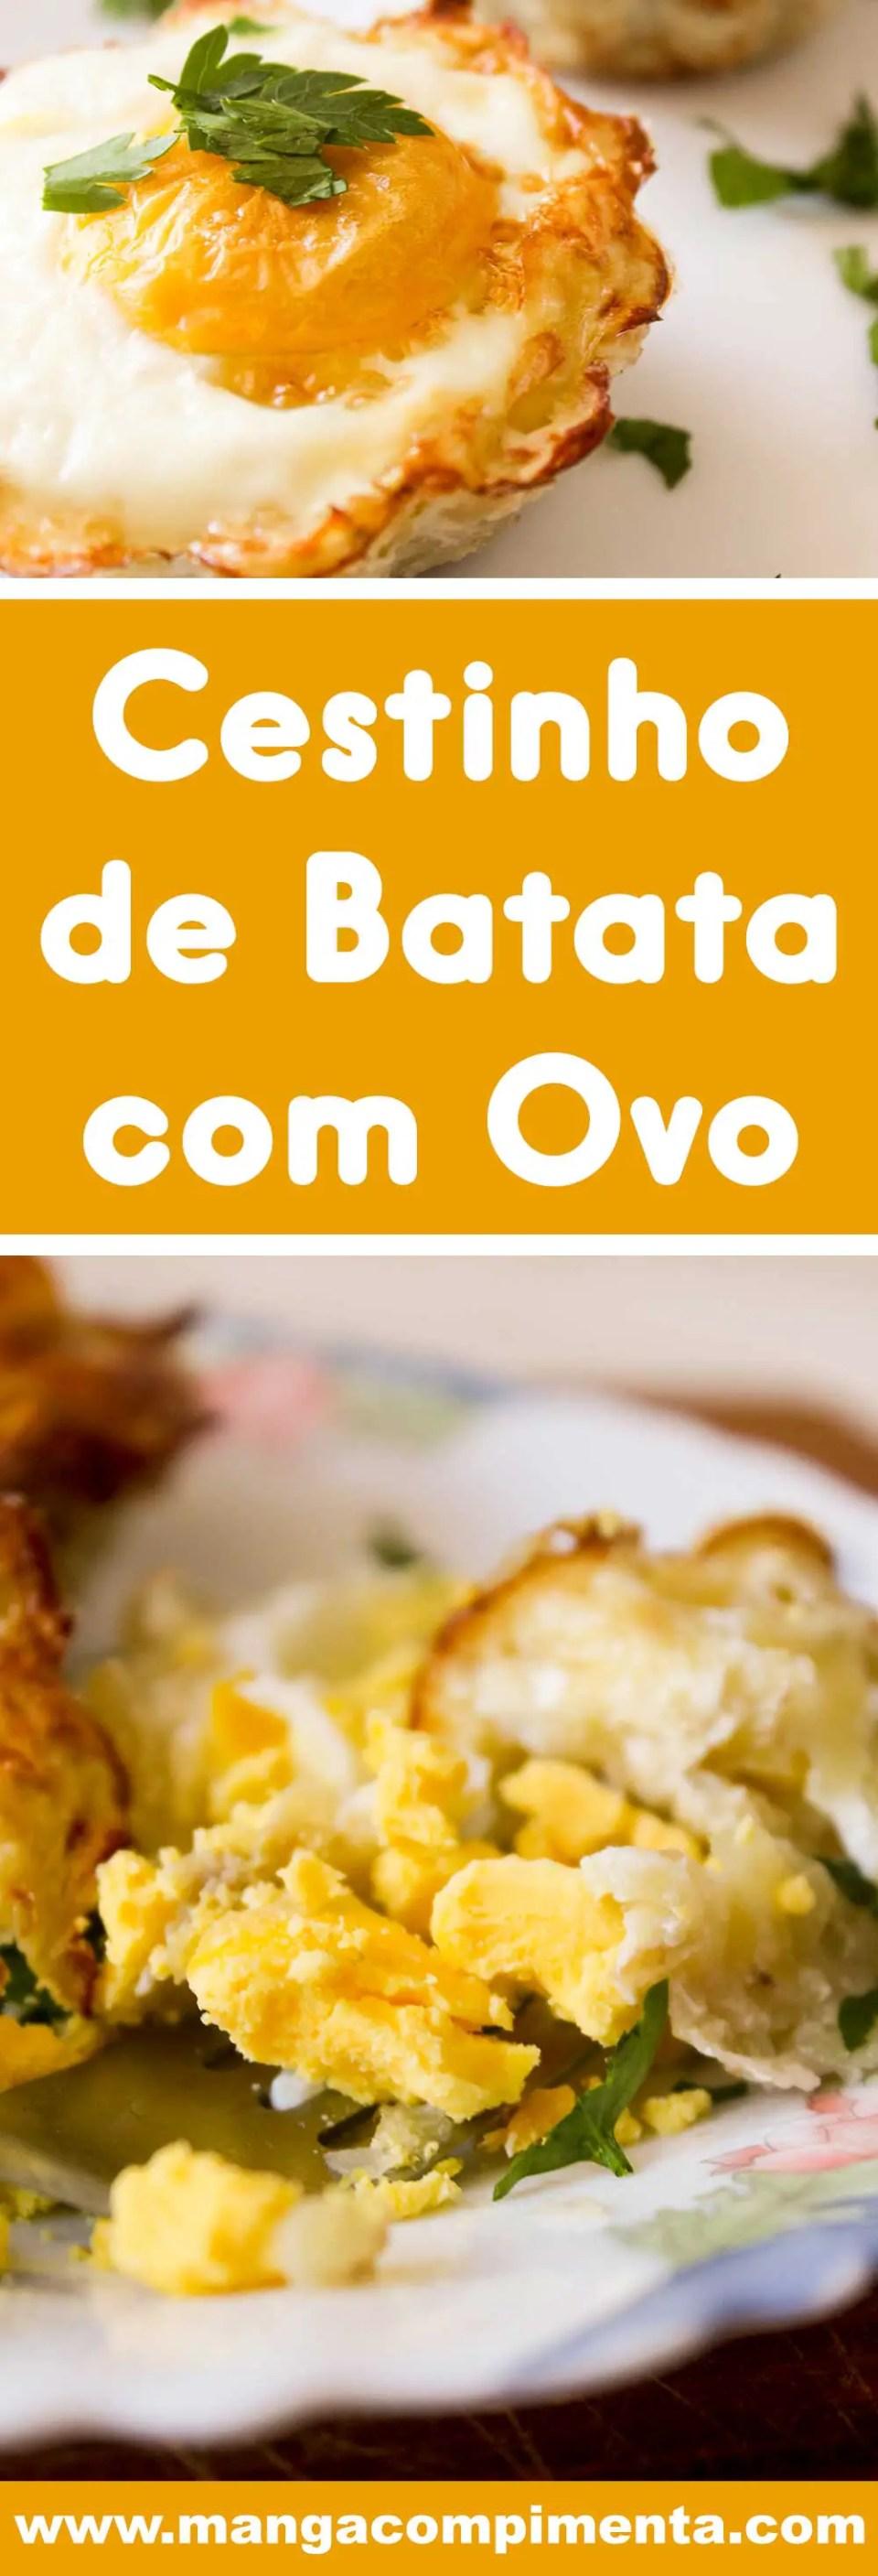 Receita de Cestinha de Batata com Ovo - faça algo novo para o café da manhã da pessoa que você mais ama!